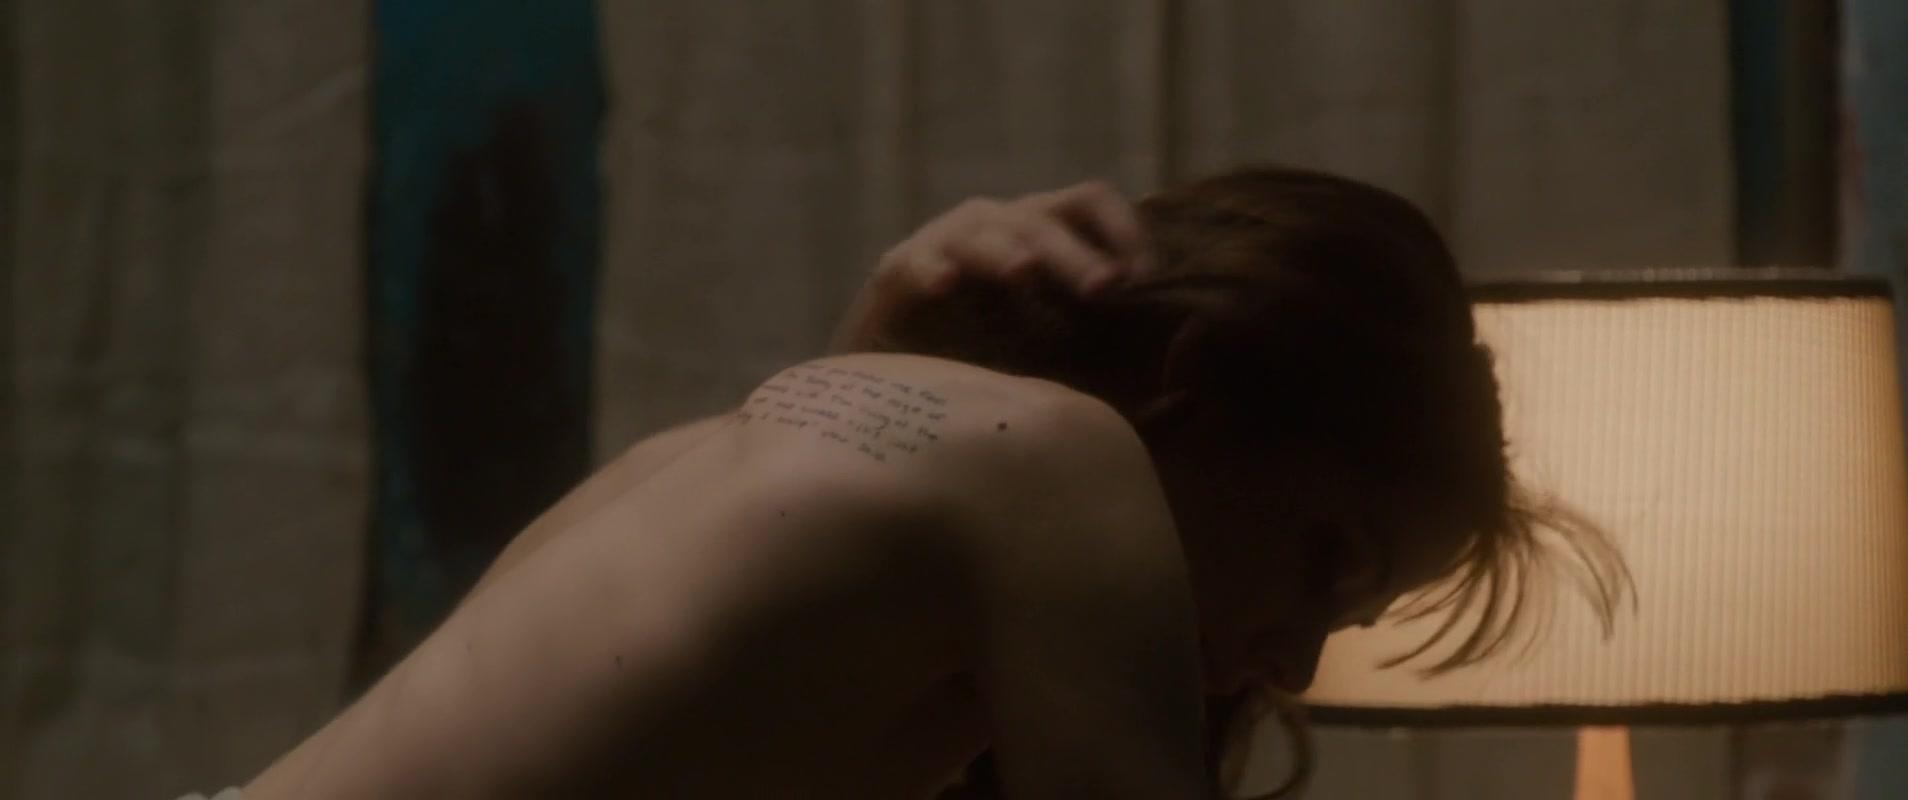 Analeigh Tipton Sex analeigh tipton sex scene - celebs roulette tube